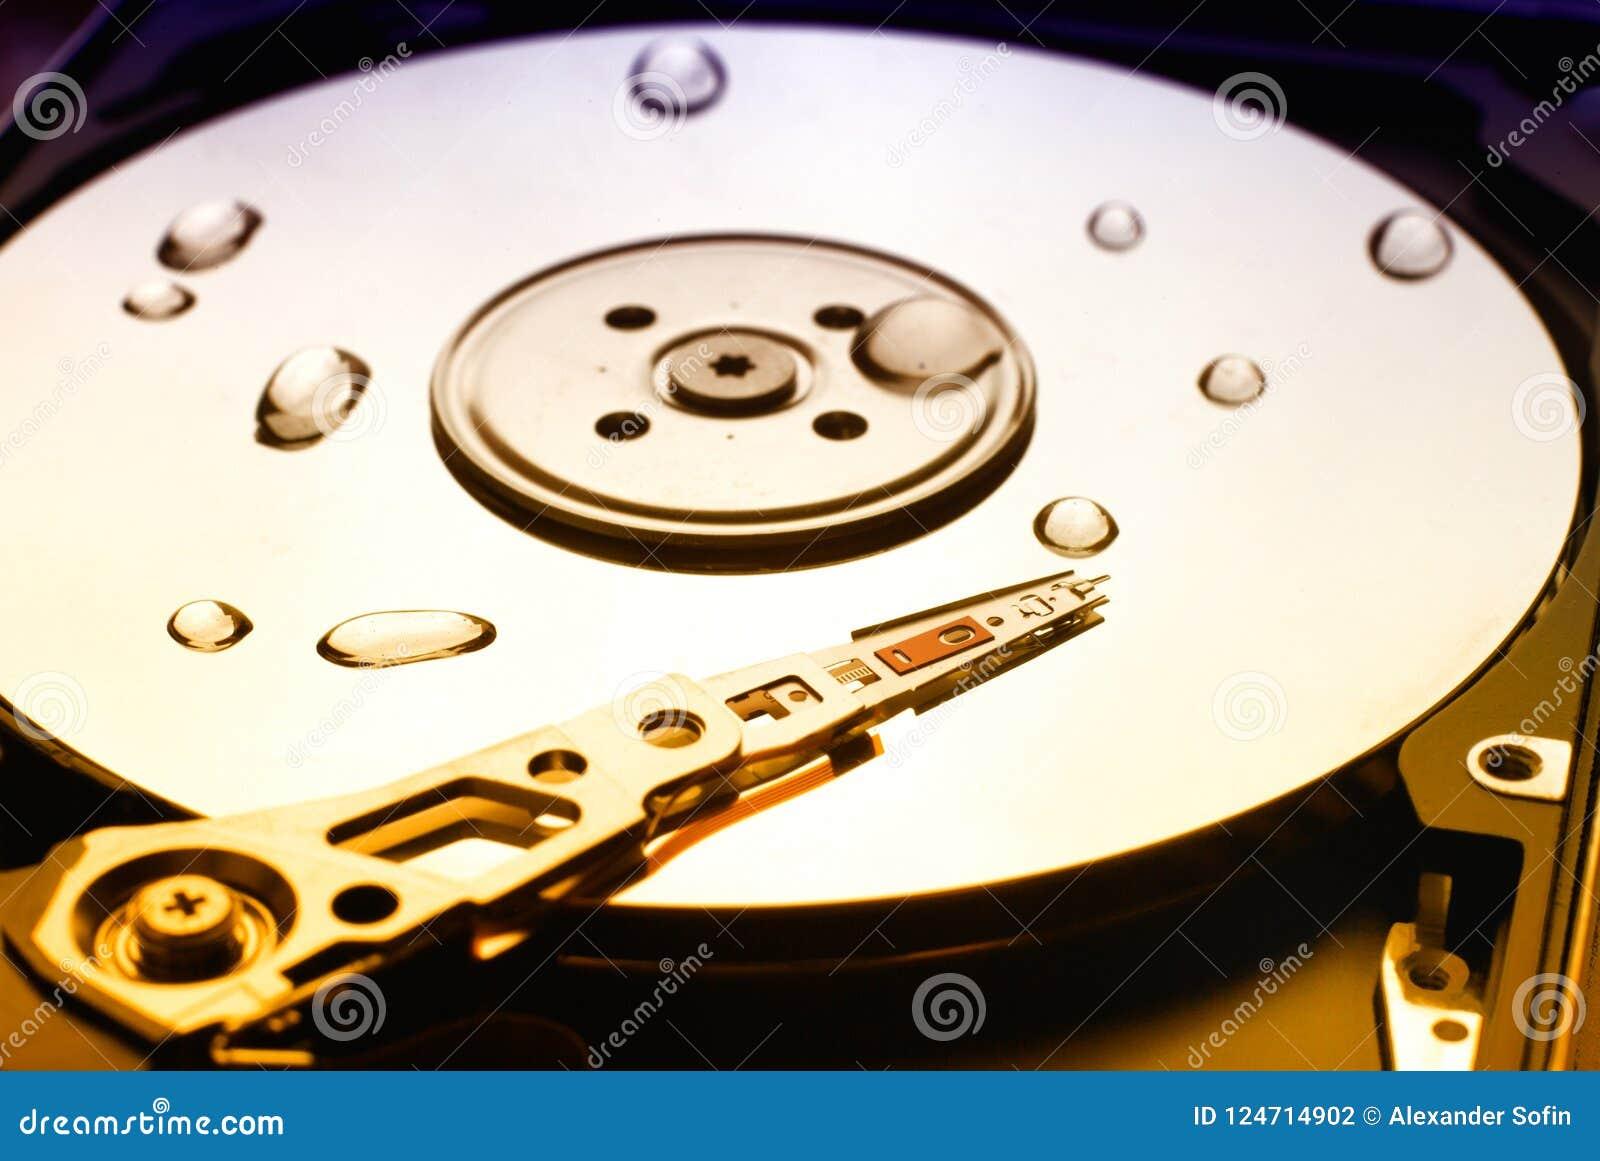 Festplattenlaufwerk des Computers mit Lesekopf und Wasser fällt auf es